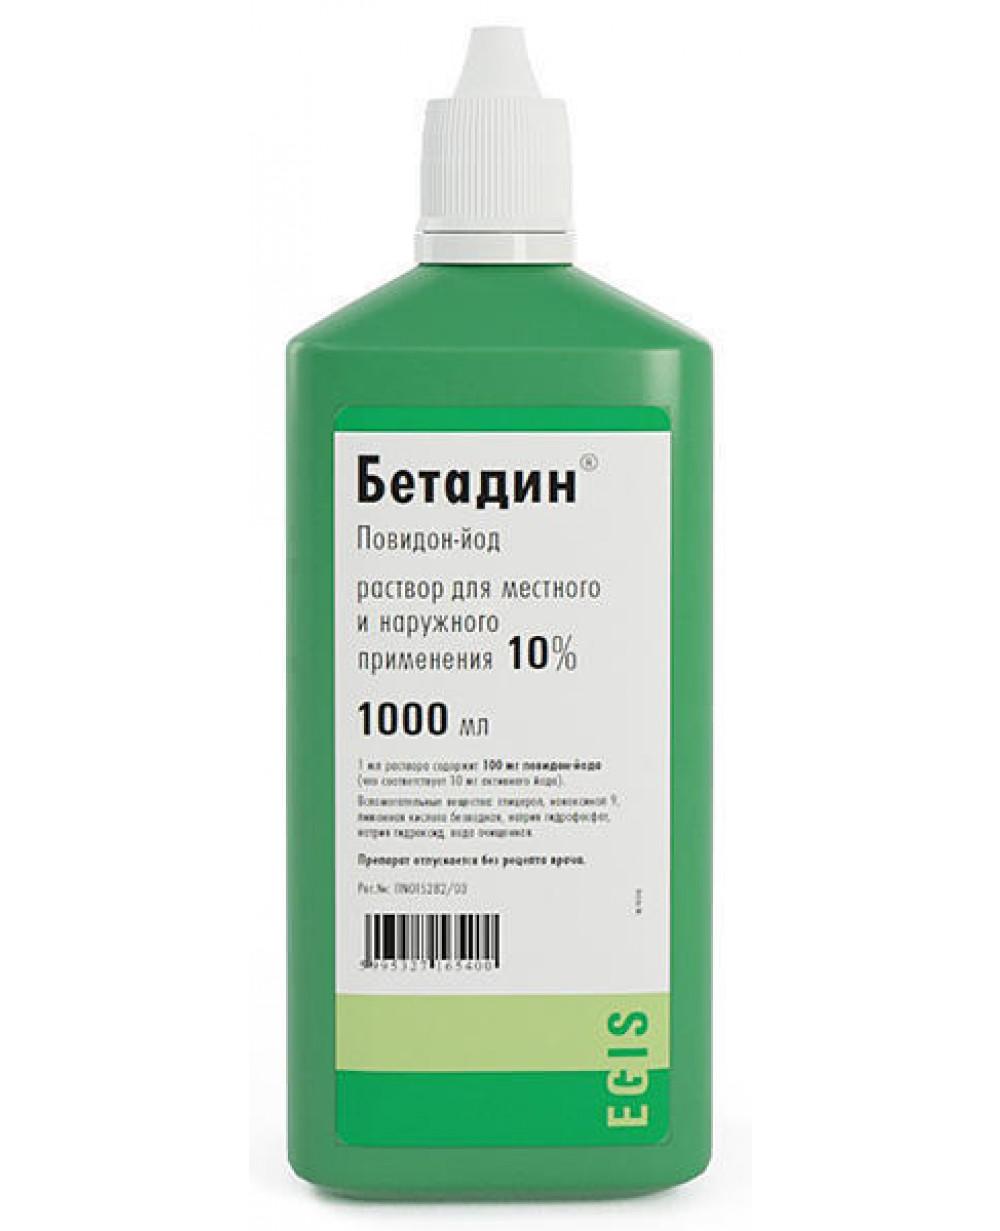 3119 БЕТАДИН® - Povidone-iodine